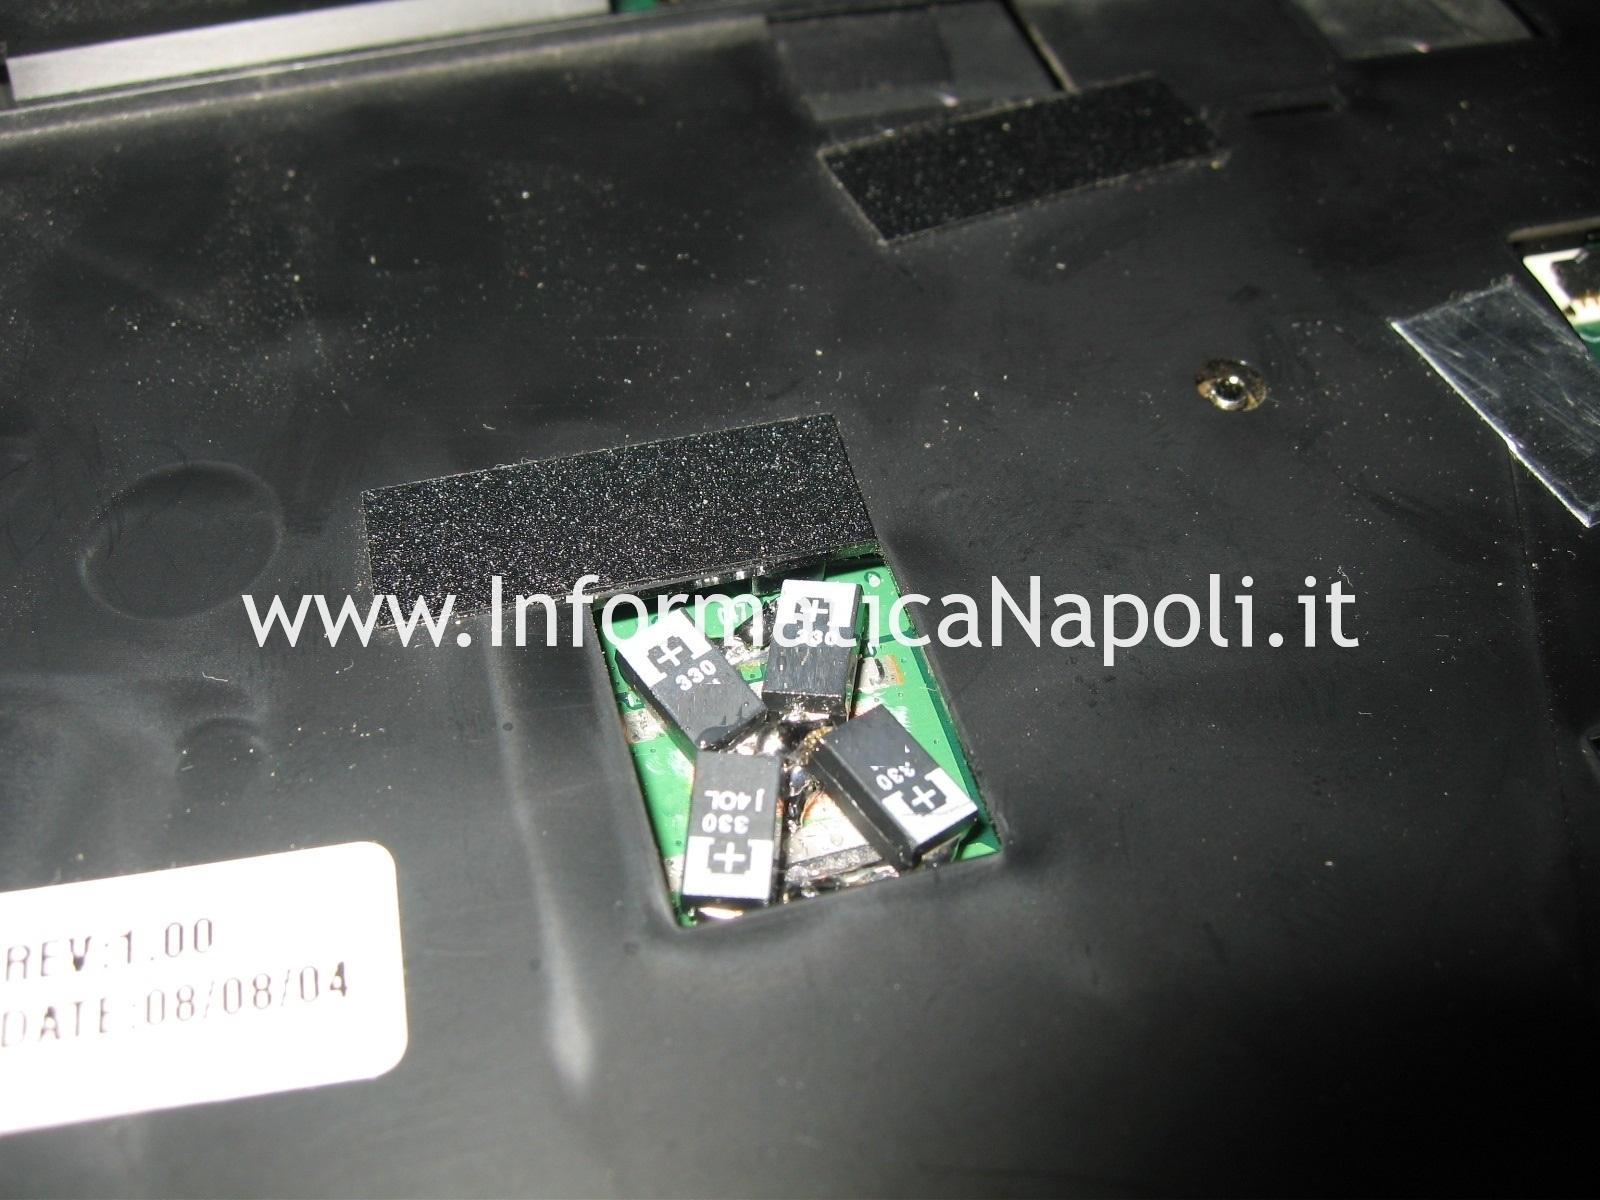 scheda madre motherboard Acer aspire 6935 LF2 si spegne